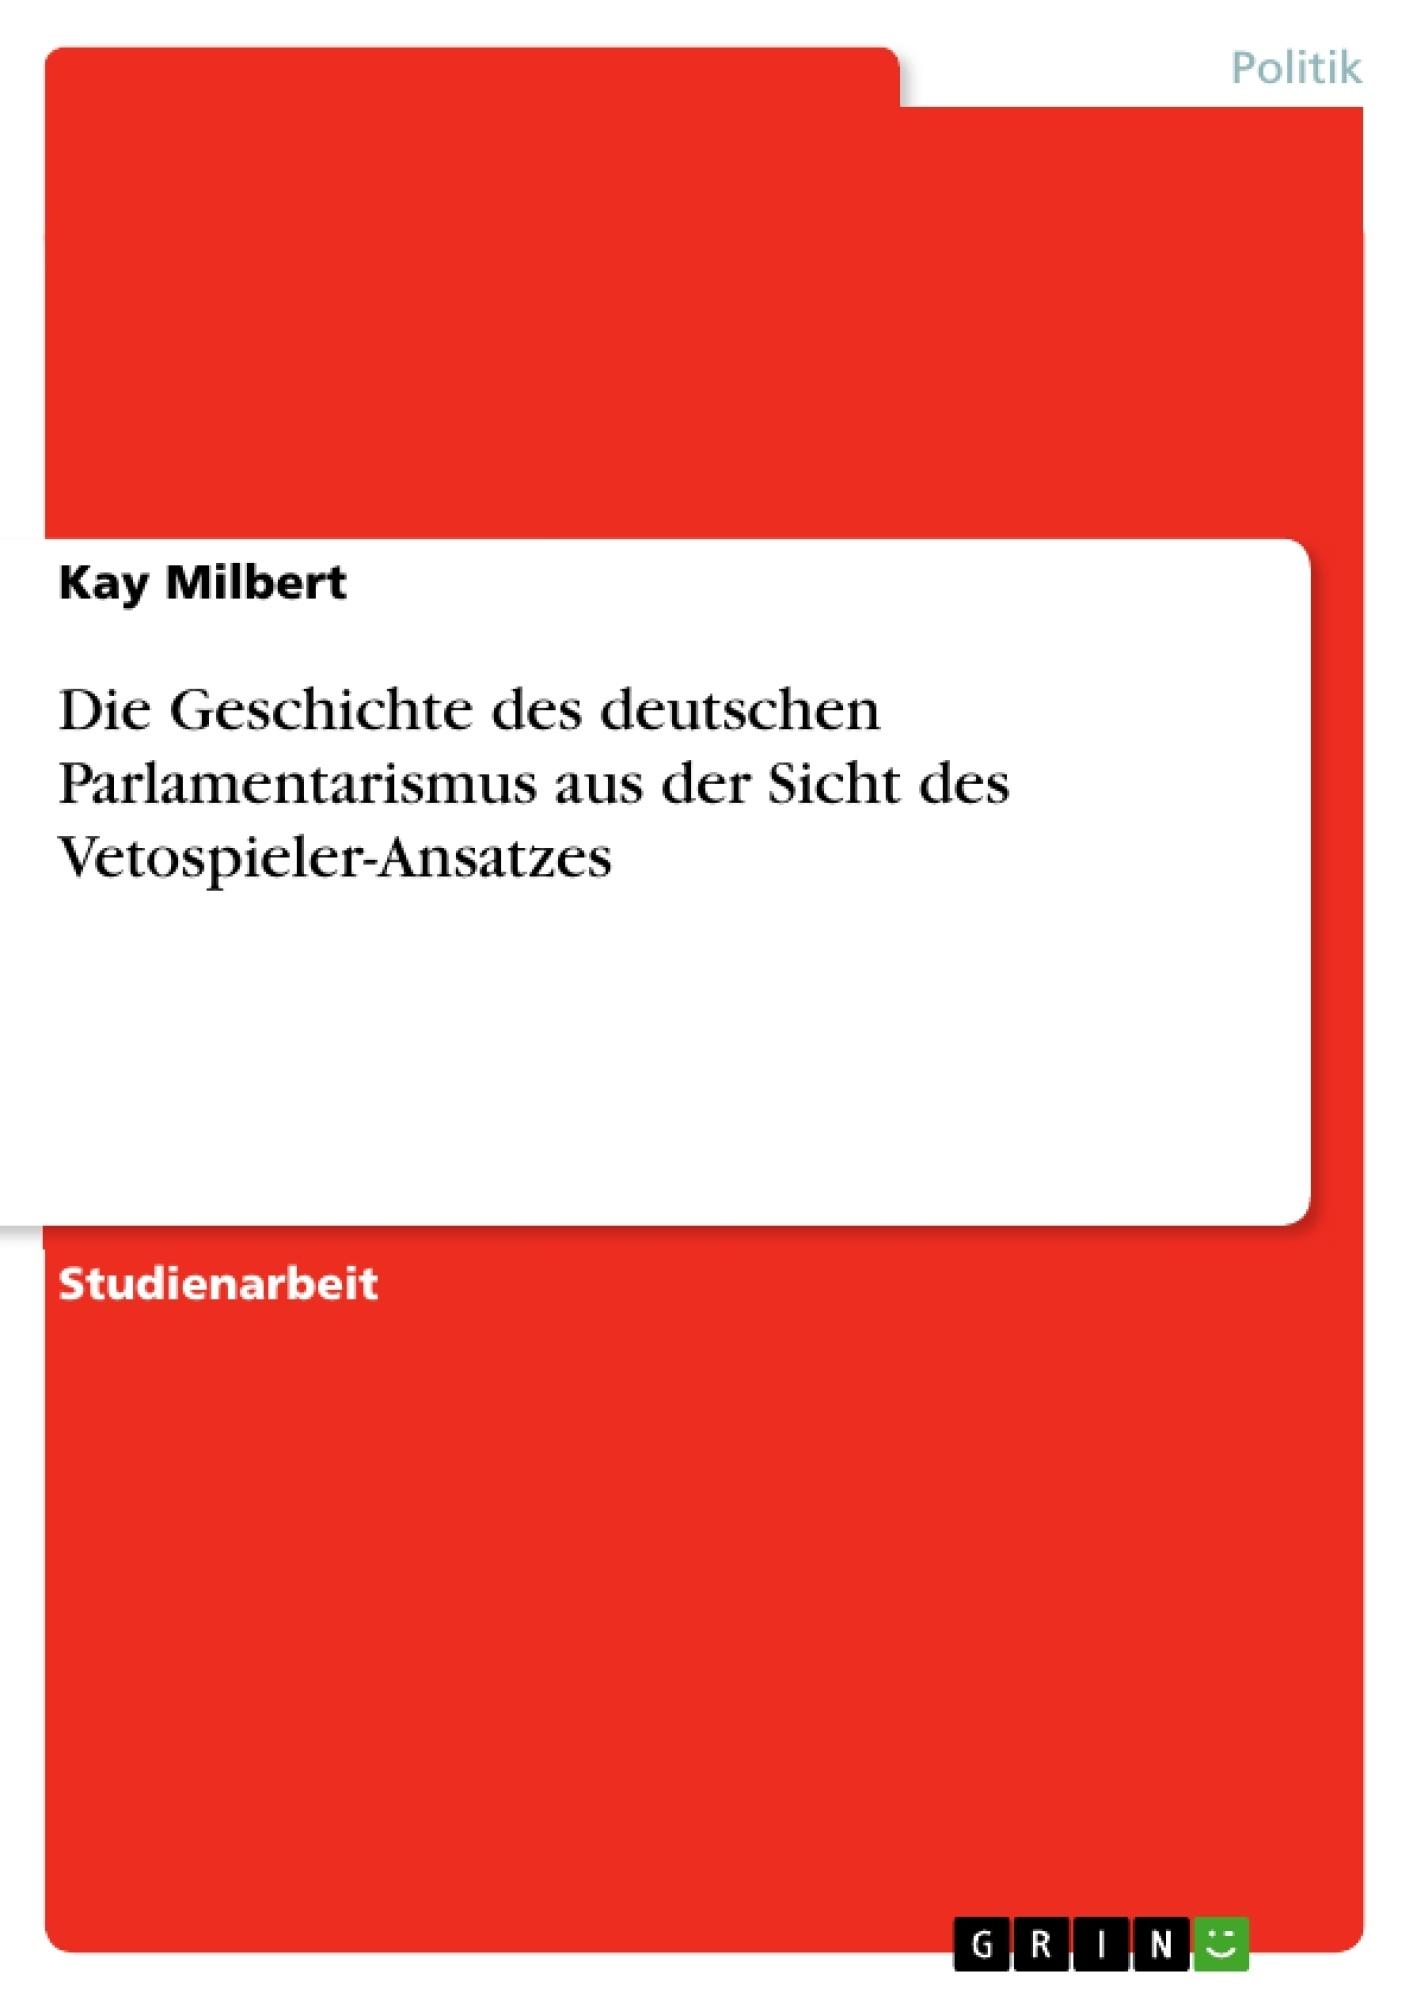 Titel: Die Geschichte des deutschen Parlamentarismus aus der Sicht des Vetospieler-Ansatzes